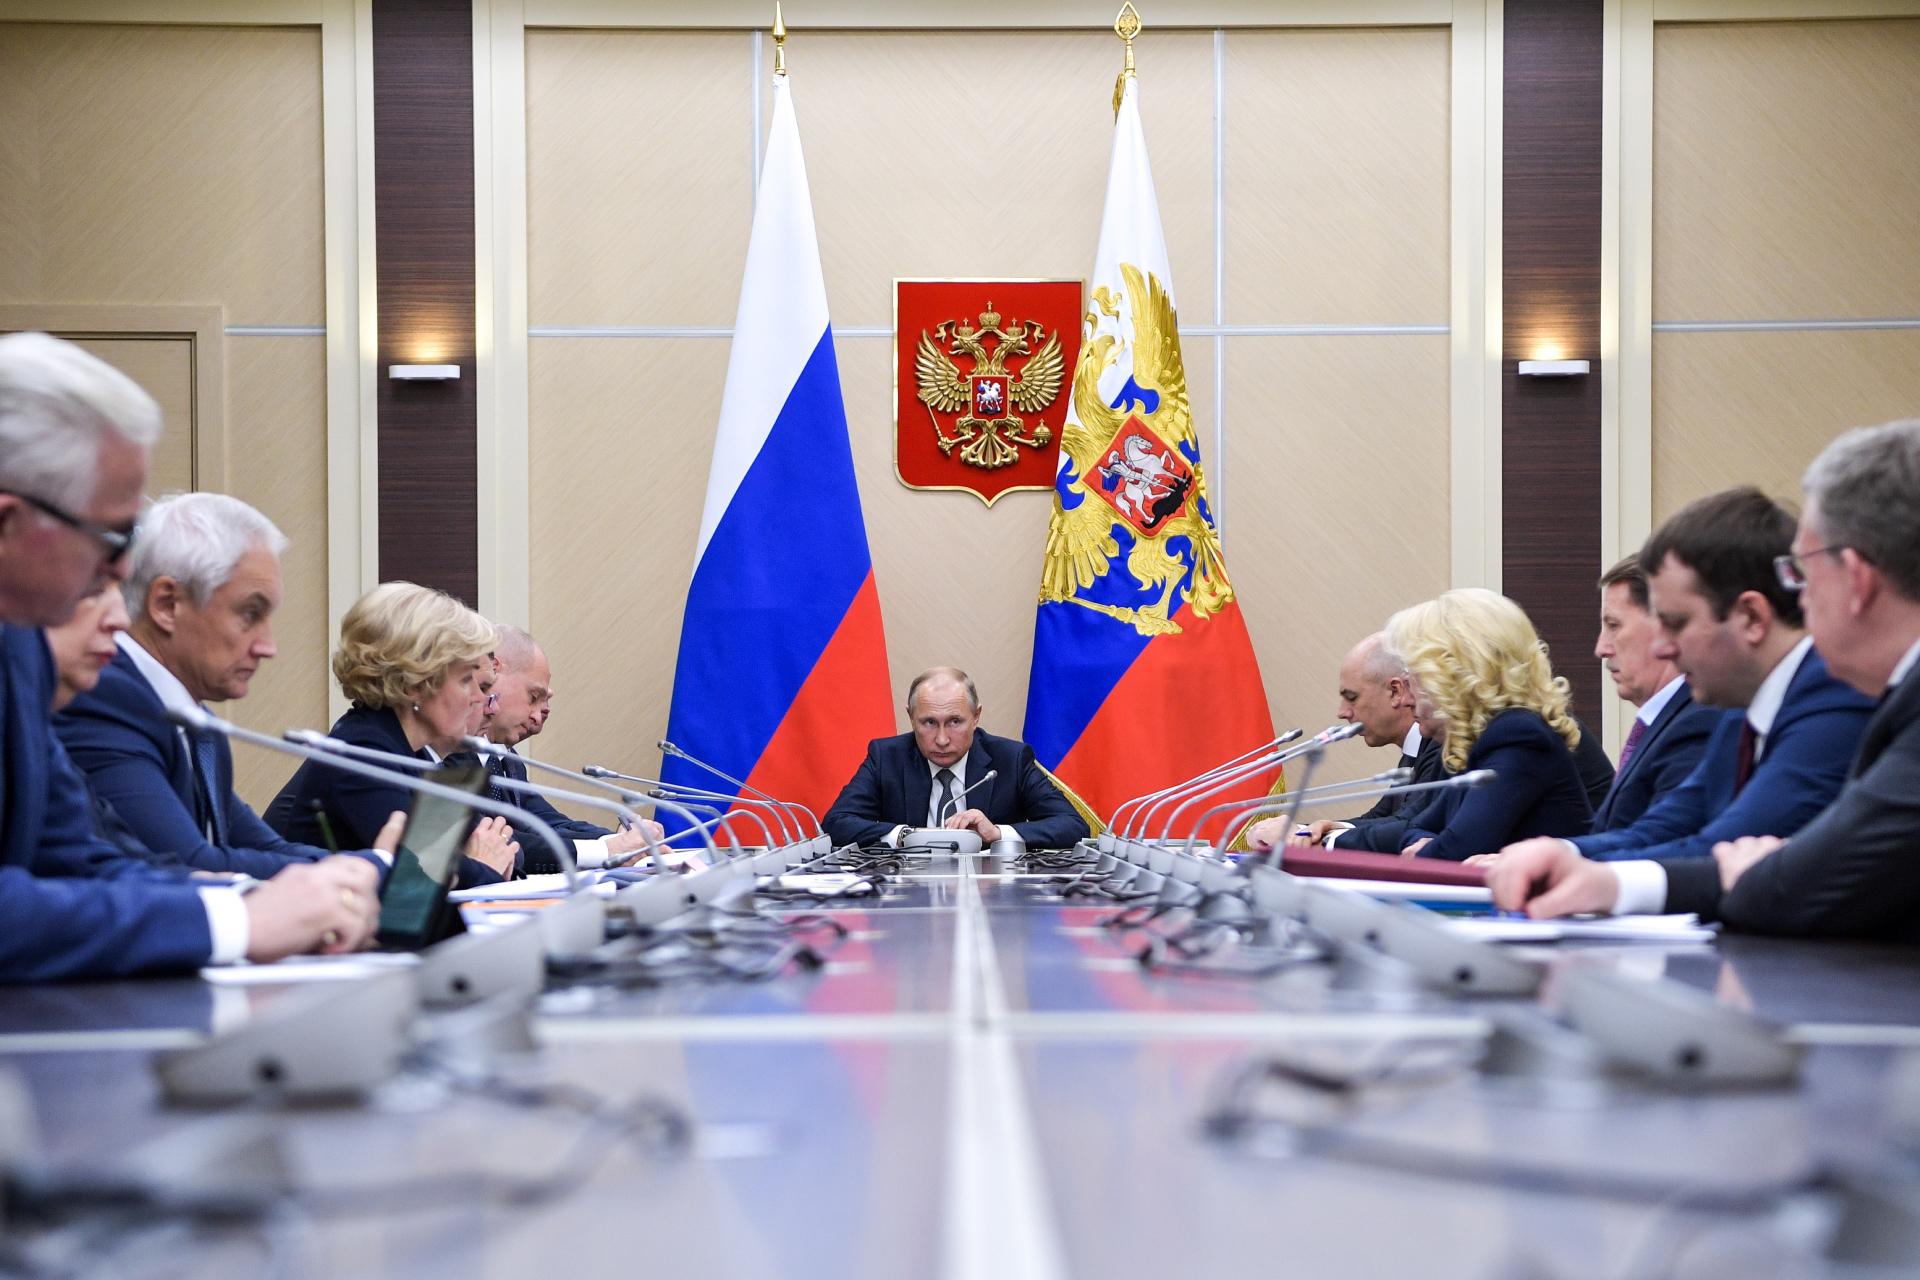 Владимир Путин (в центре) на совещании с членами правительства РФ в резиденции Ново-Огарево